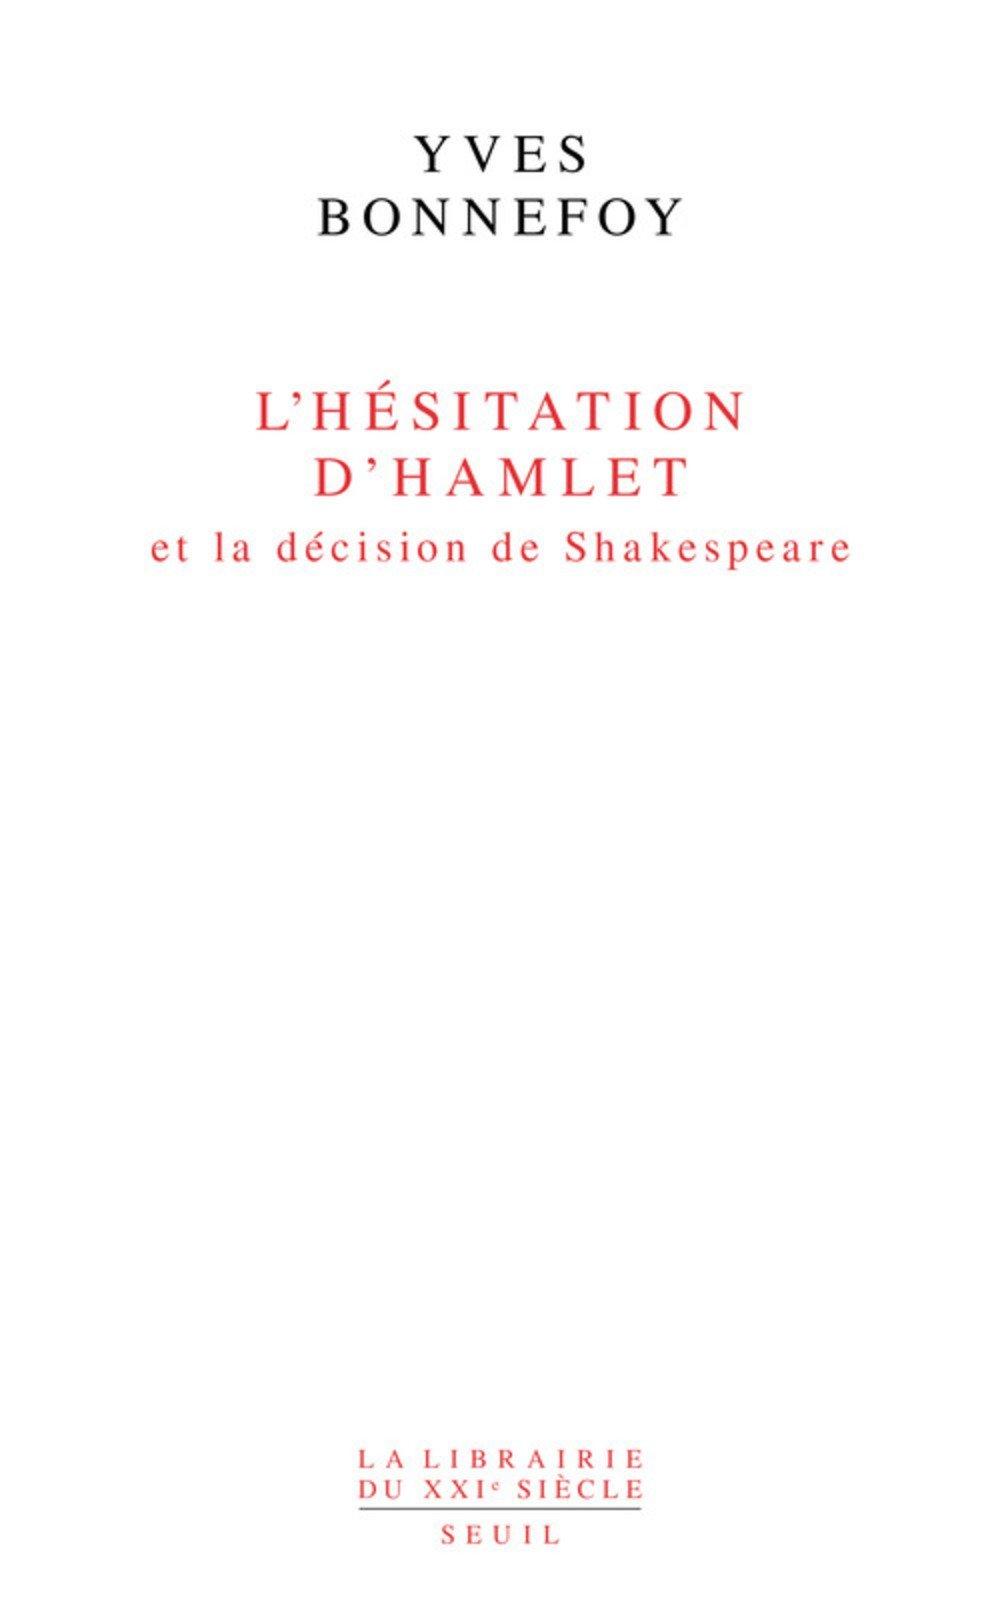 L'hésitation d'Hamlet - Yves Bonnefoy